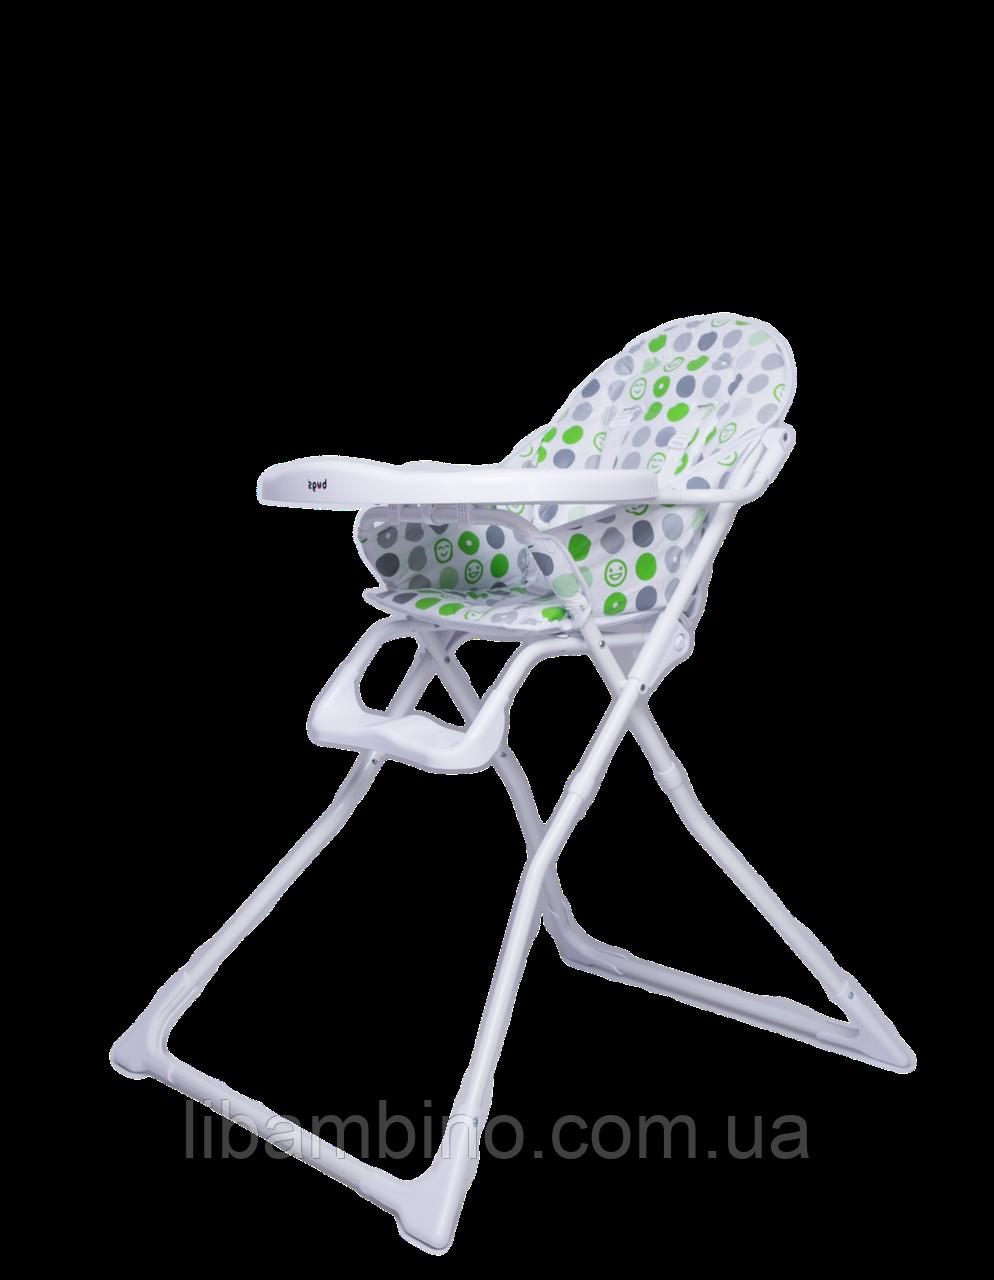 Дитячий універсальний стільчик для годування Bugs Smart - Зелений